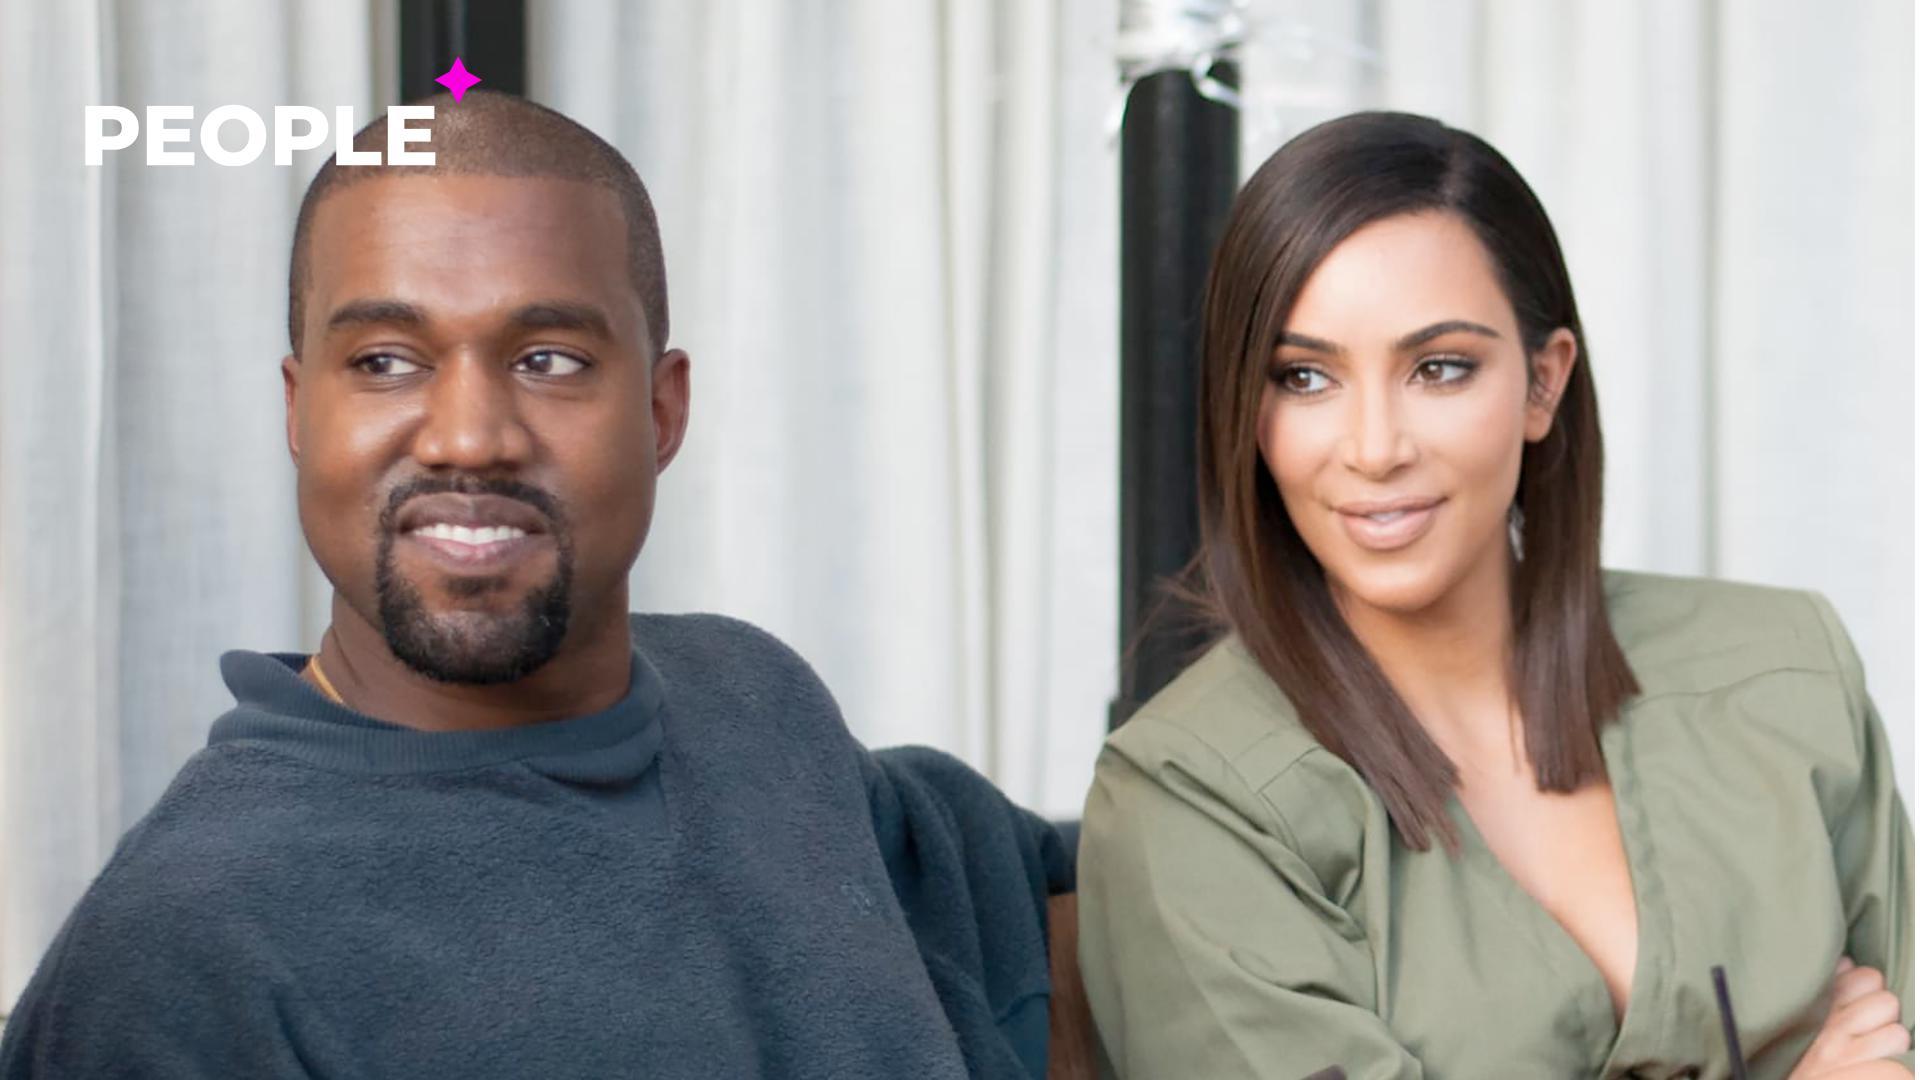 Ким Кардашьян и Канье Уэст вместе провели выходные после слухов о разводе